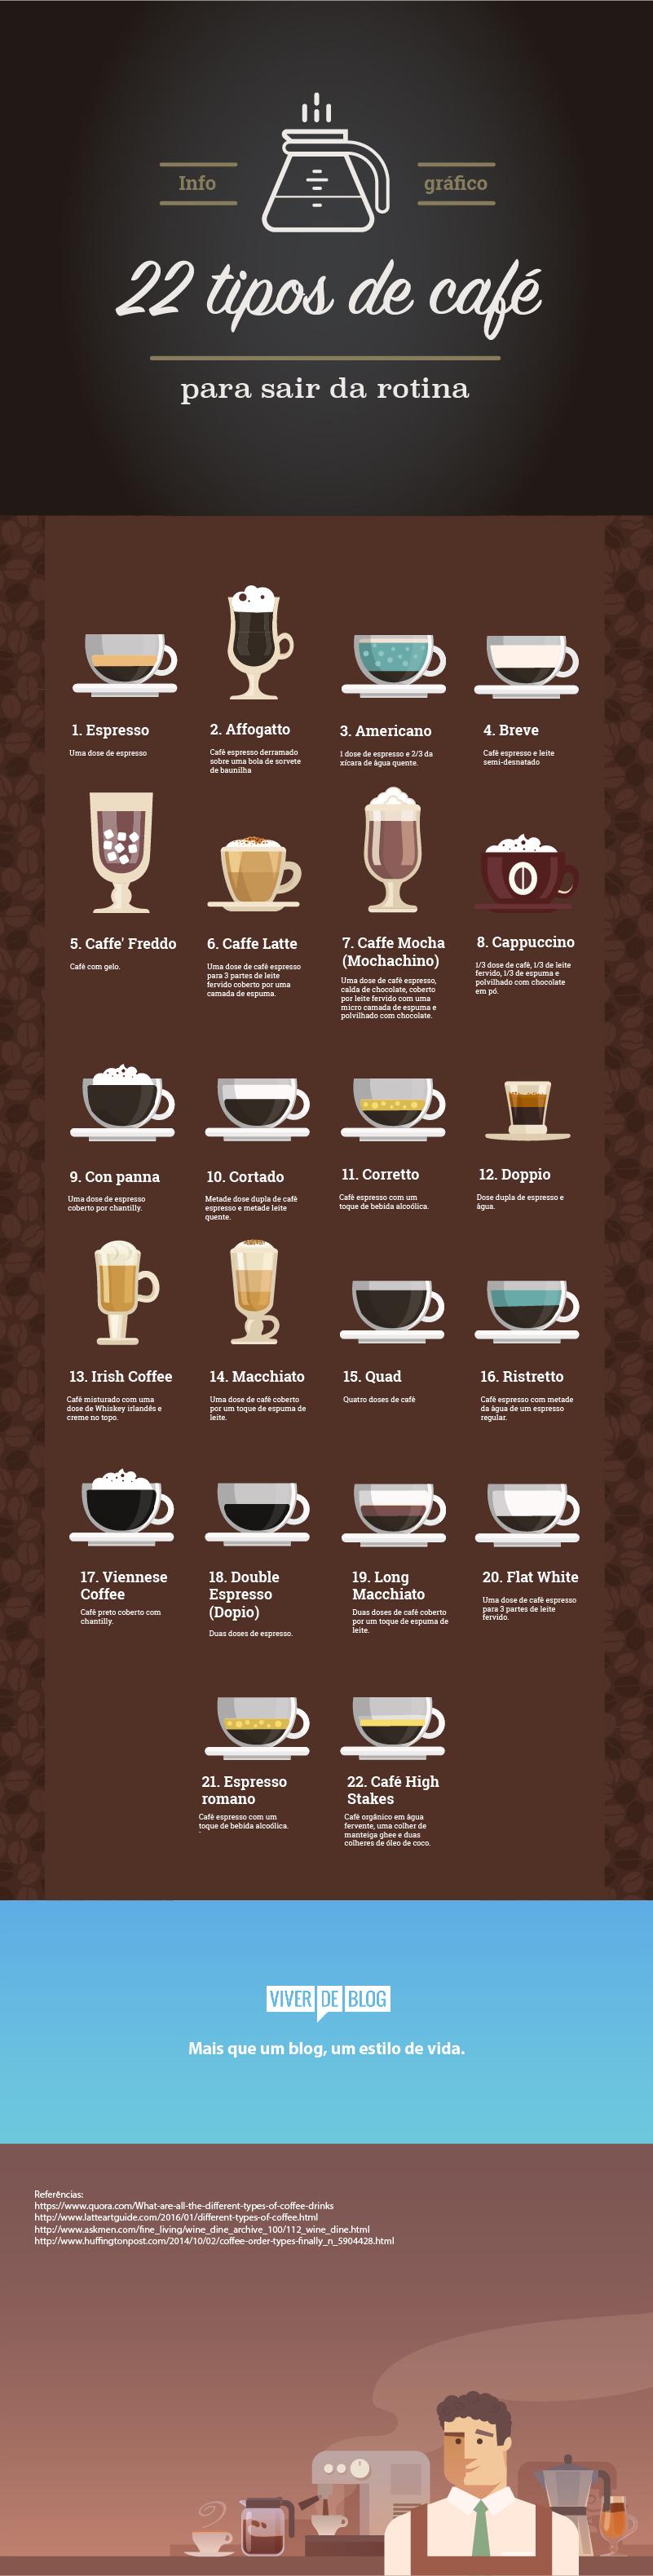 Qual é o seu tipo de café favorito?